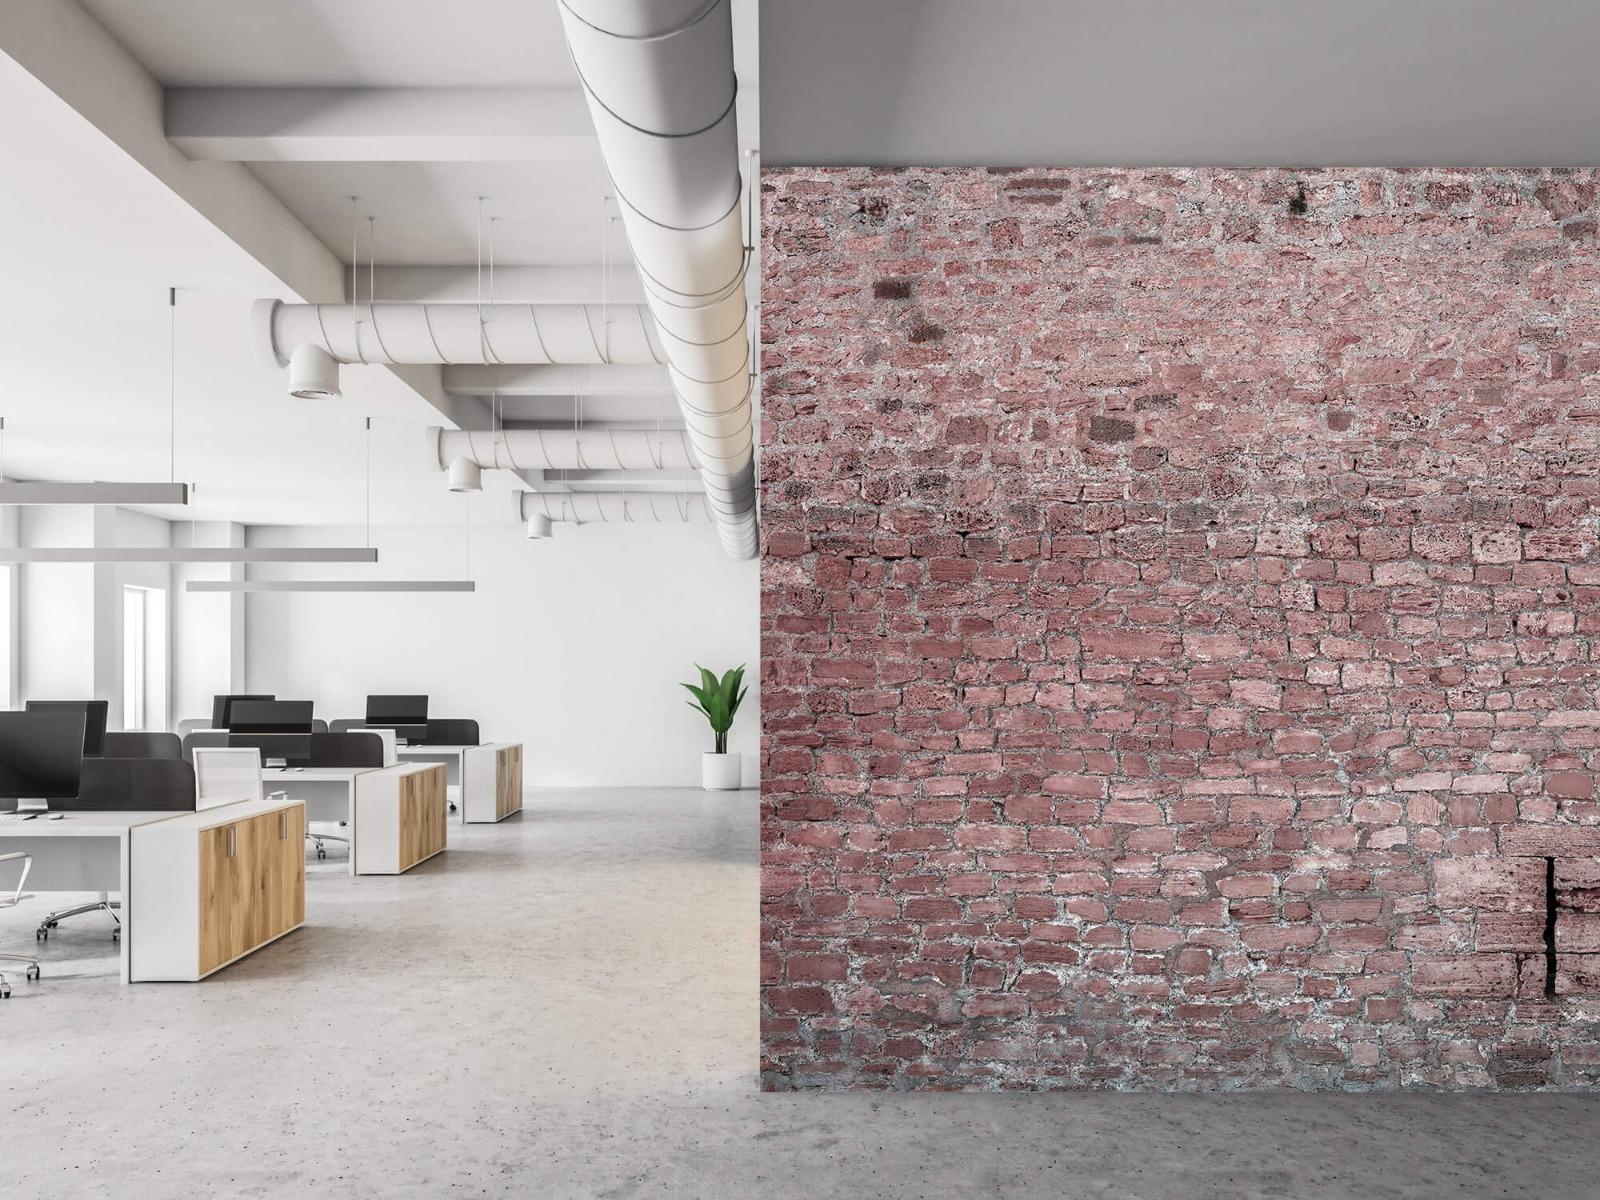 Steen behang - Muur van oude stenen - Tienerkamer 21